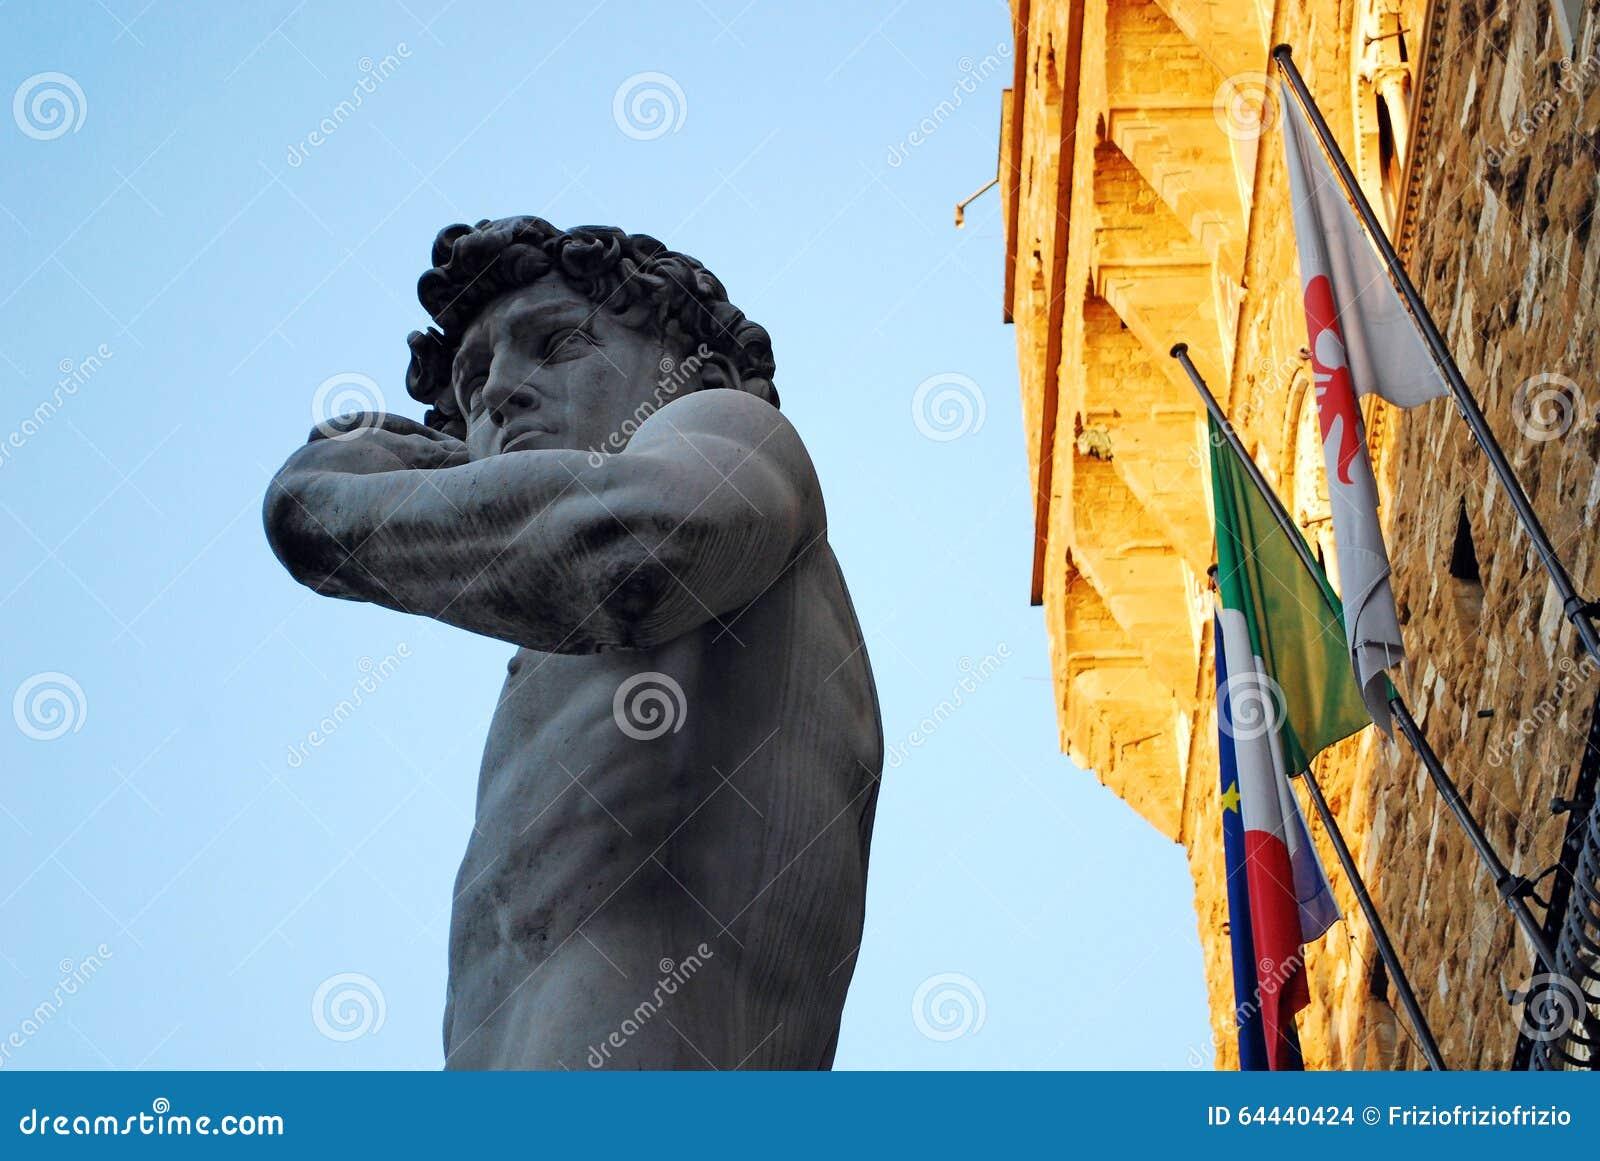 FLORENÇA, ITÁLIA - EM NOVEMBRO DE 2015: Estátua de David de Michelangelo Buonarroti, cópia no quadrado do Signoria